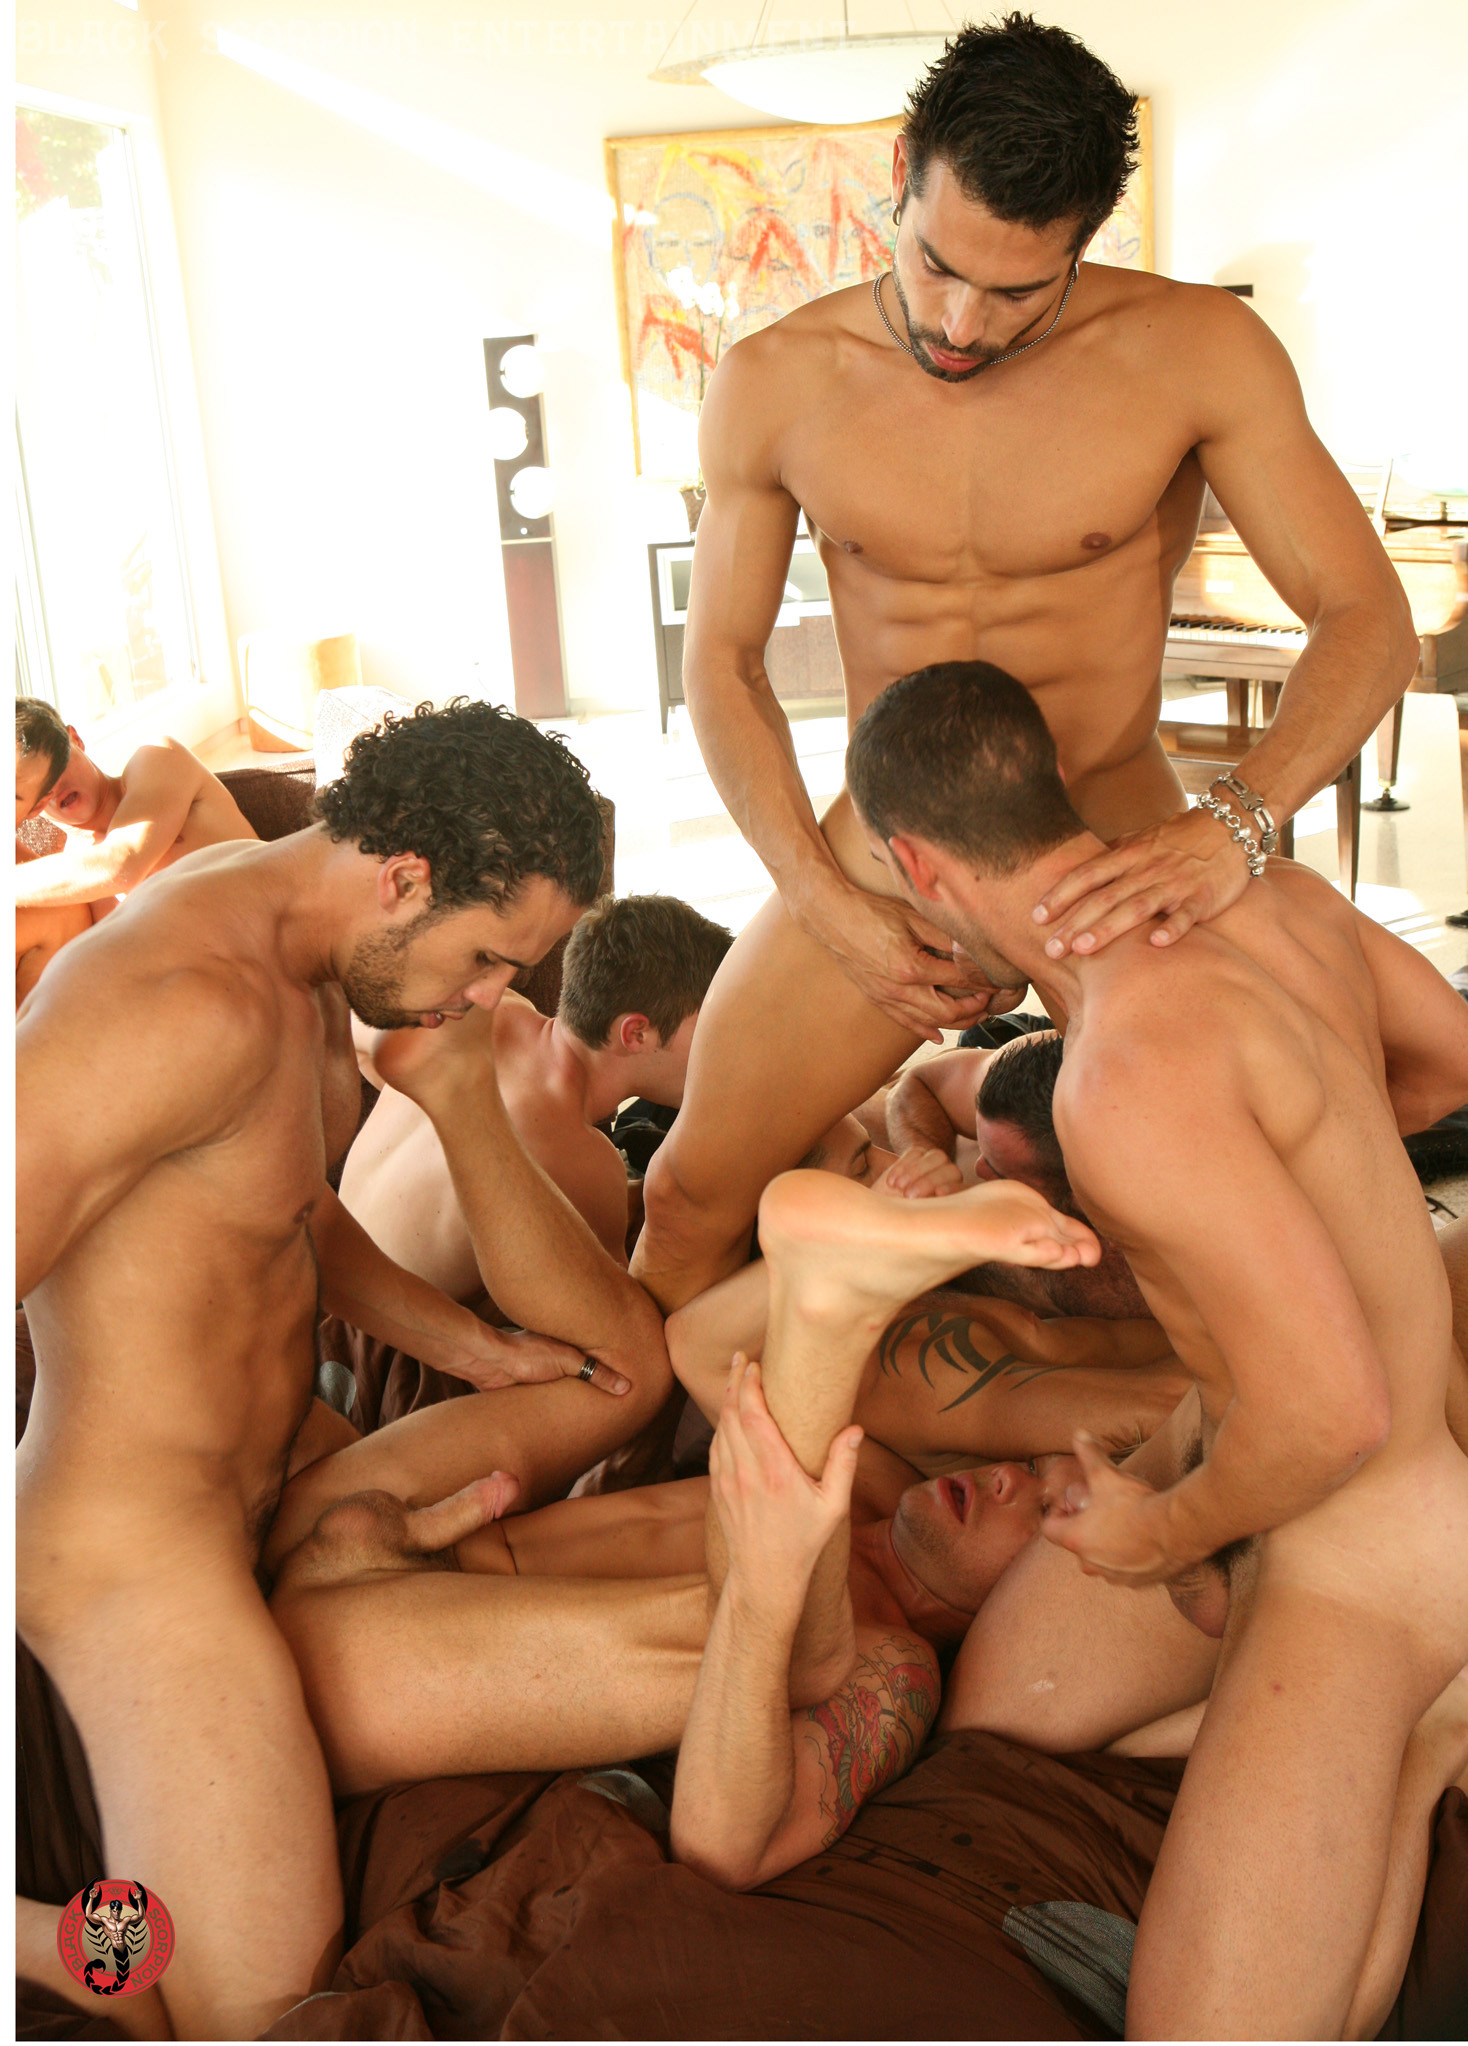 gay naked men stories